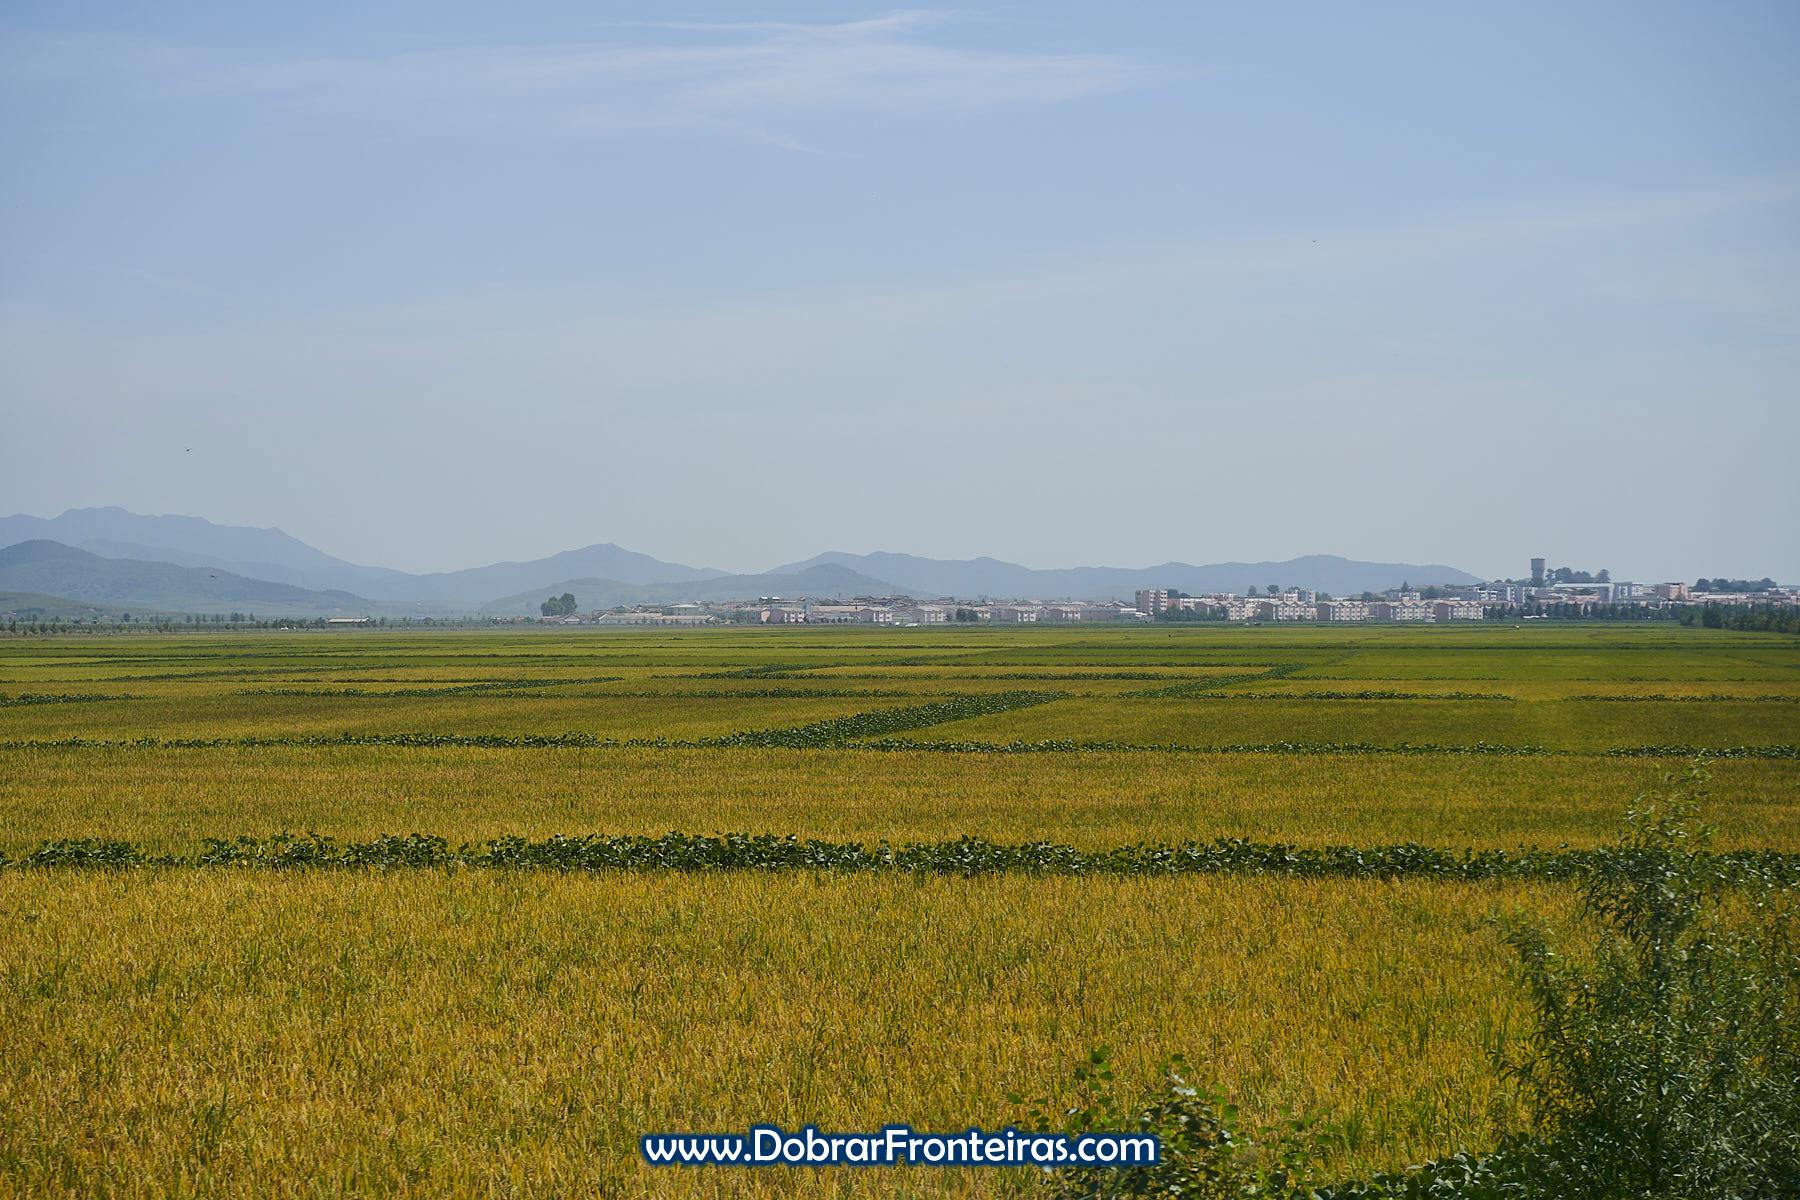 Campos de arroz e soja com montanhas ao fundo